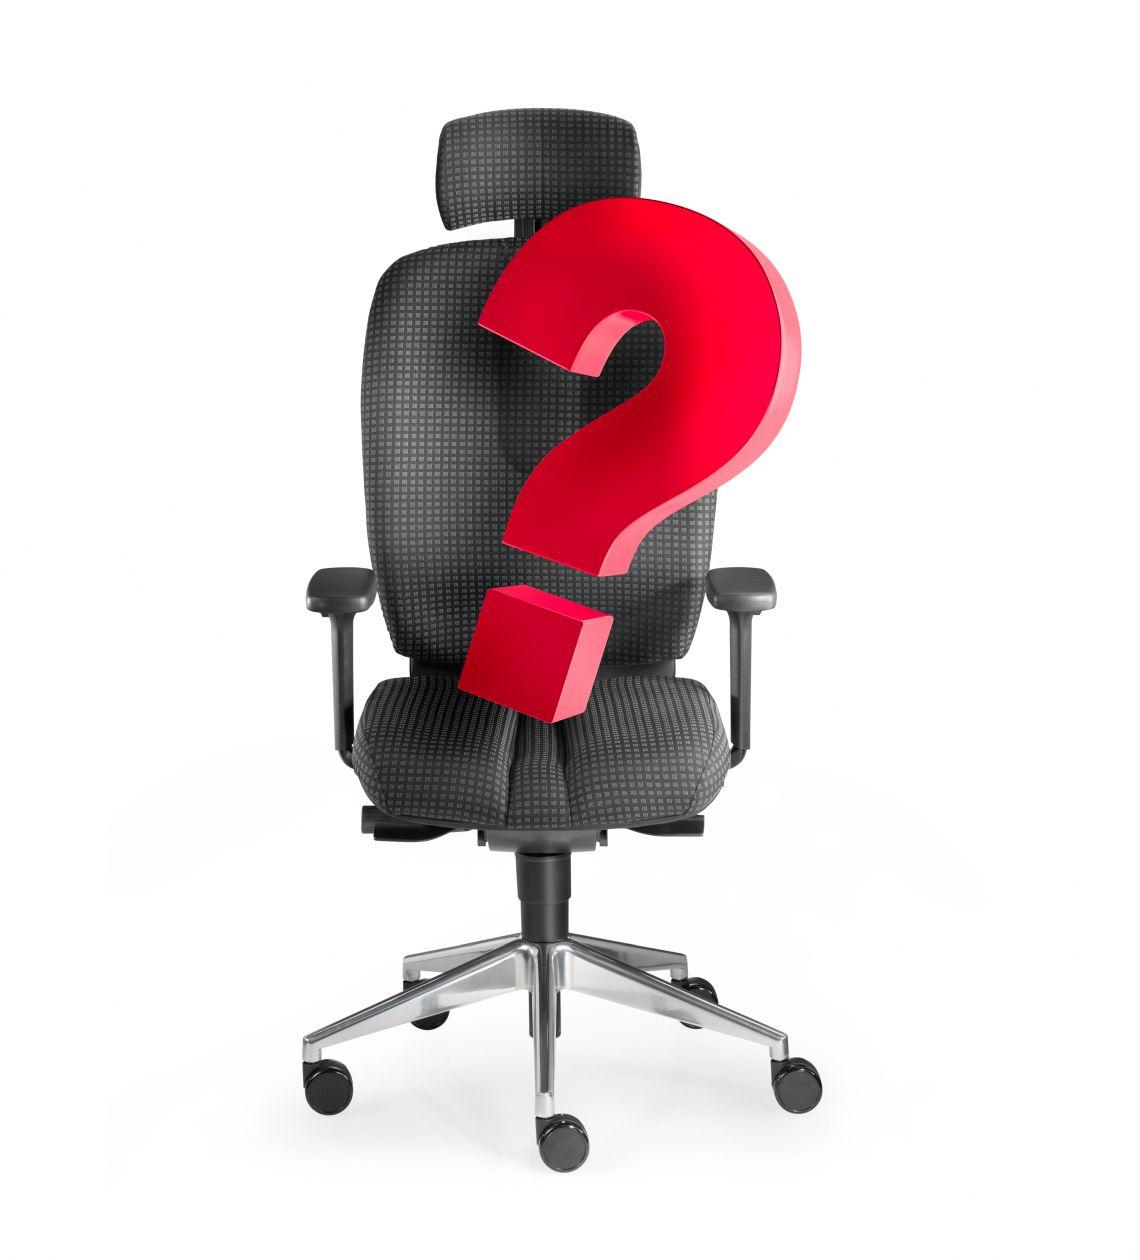 Nachbesetzung Stuhl